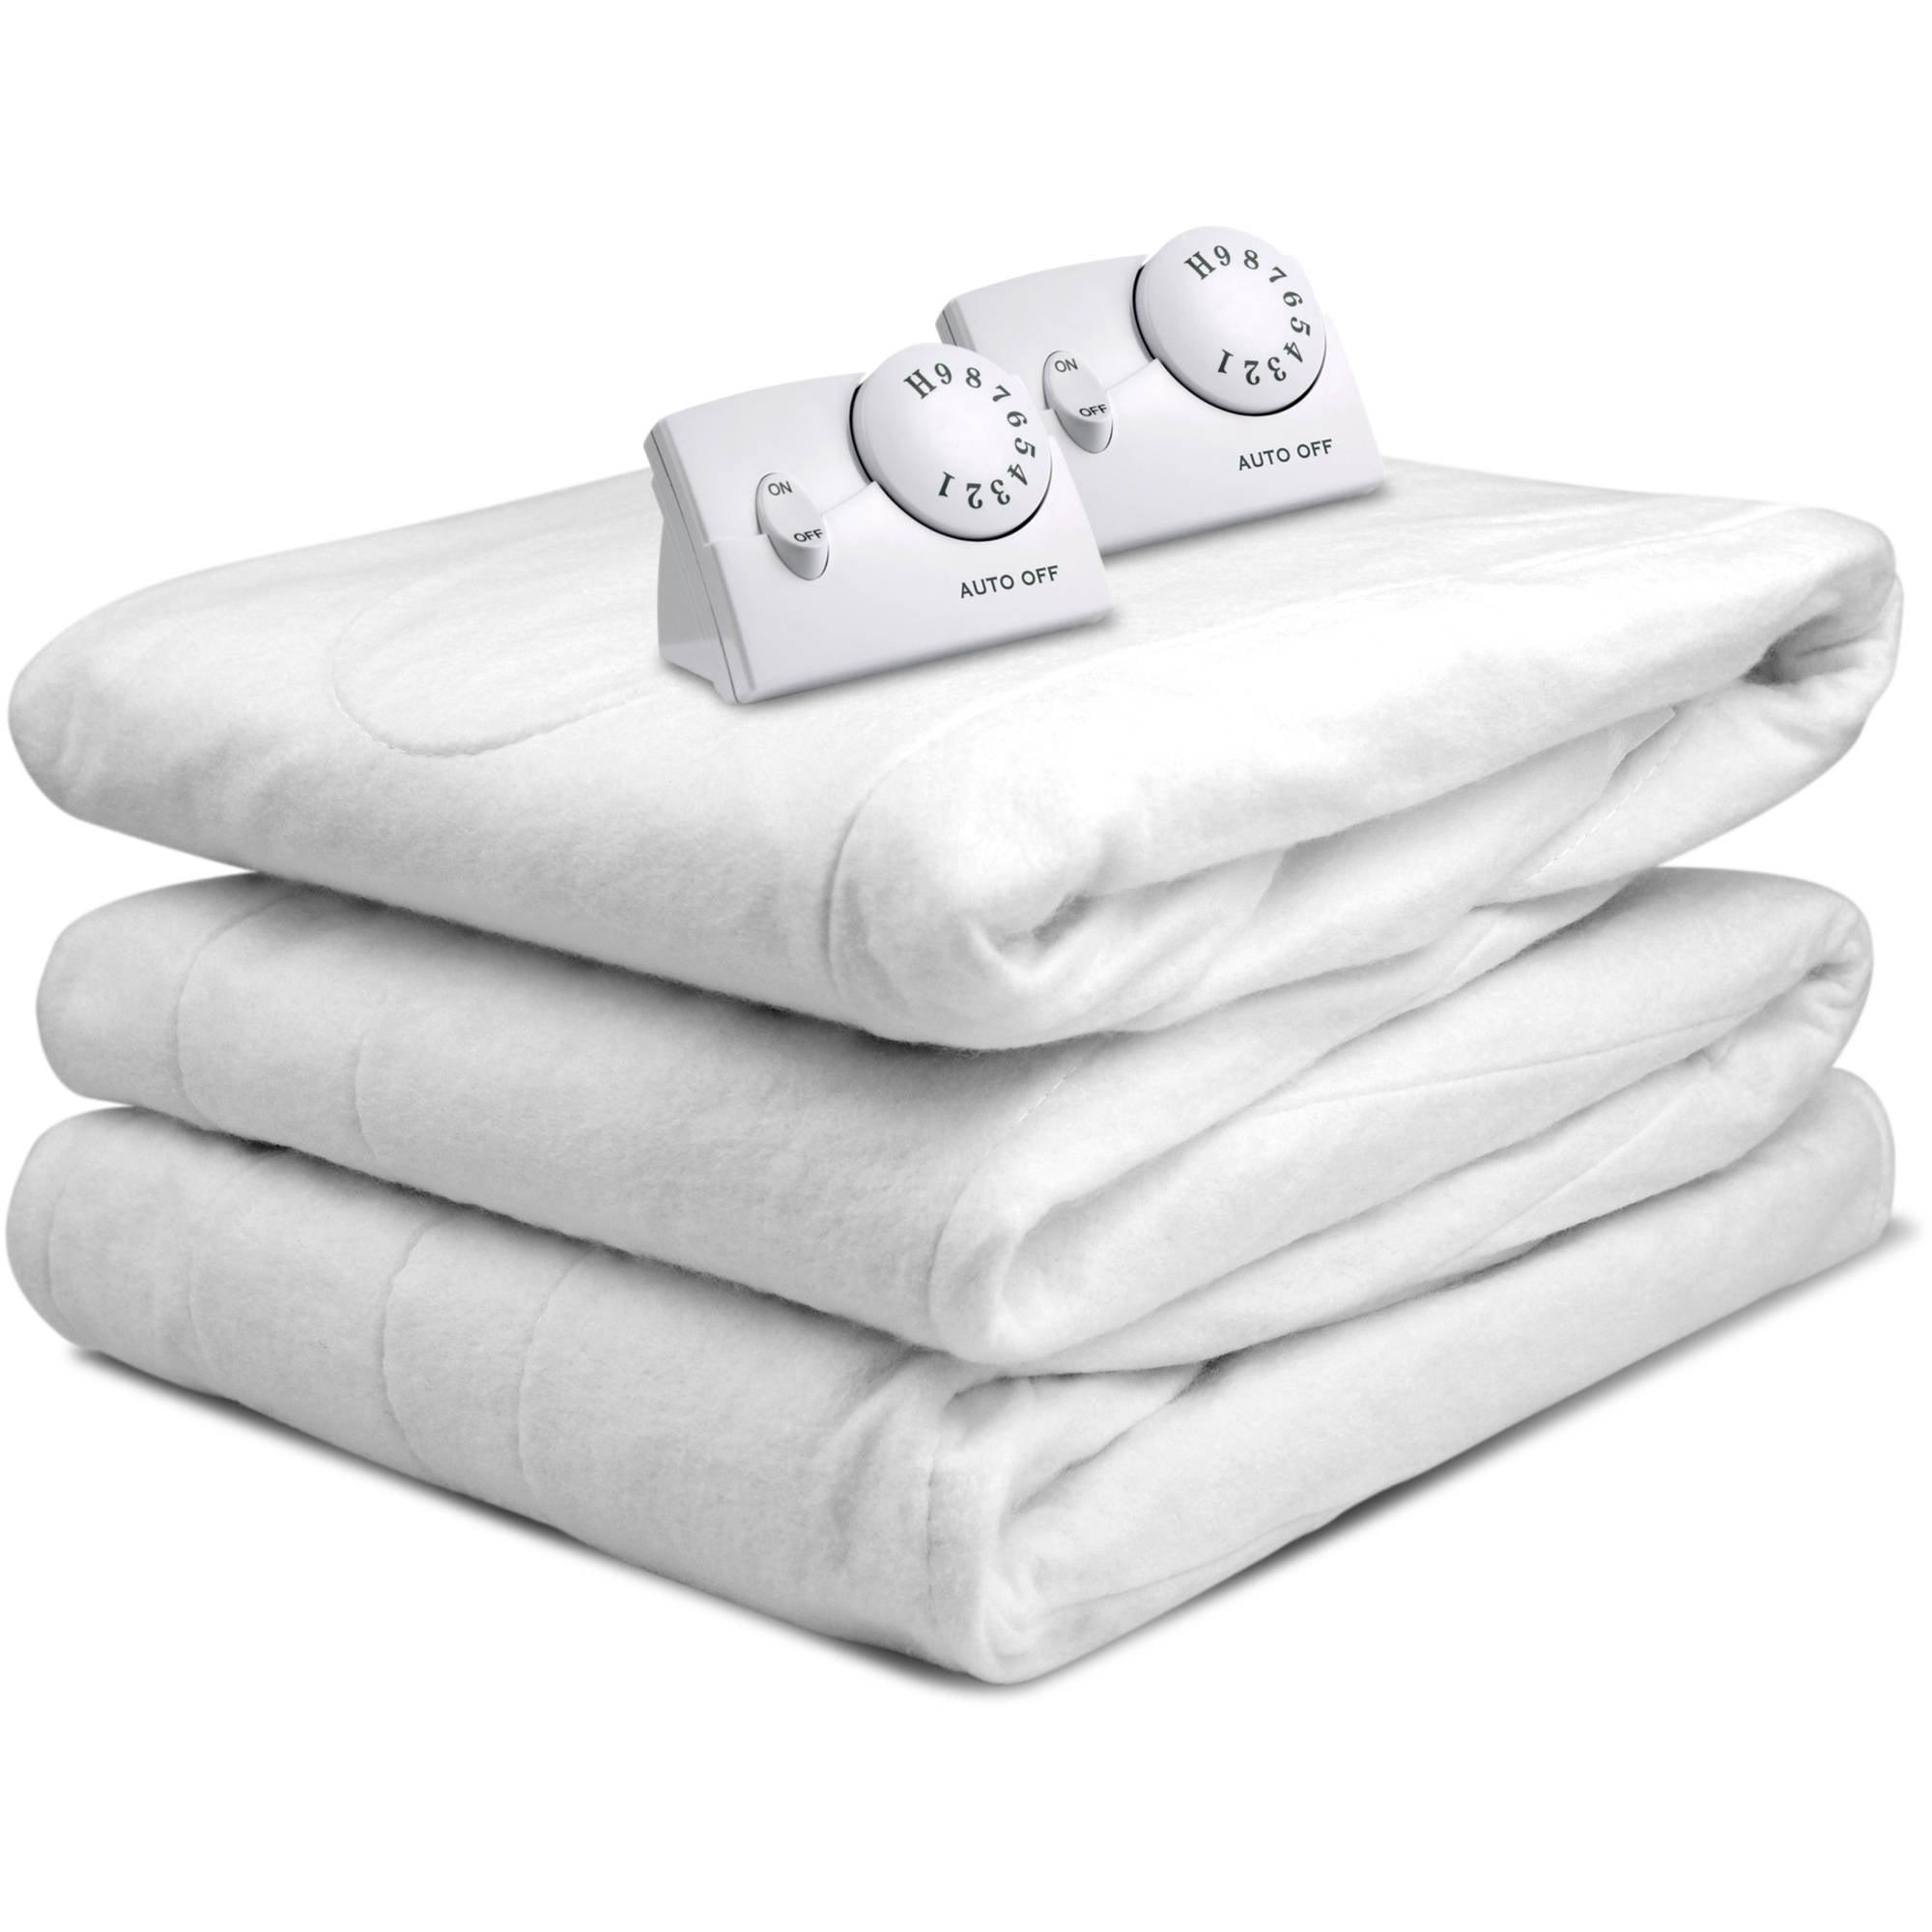 Biddeford Blankets Heated Mattress Pad Walmart